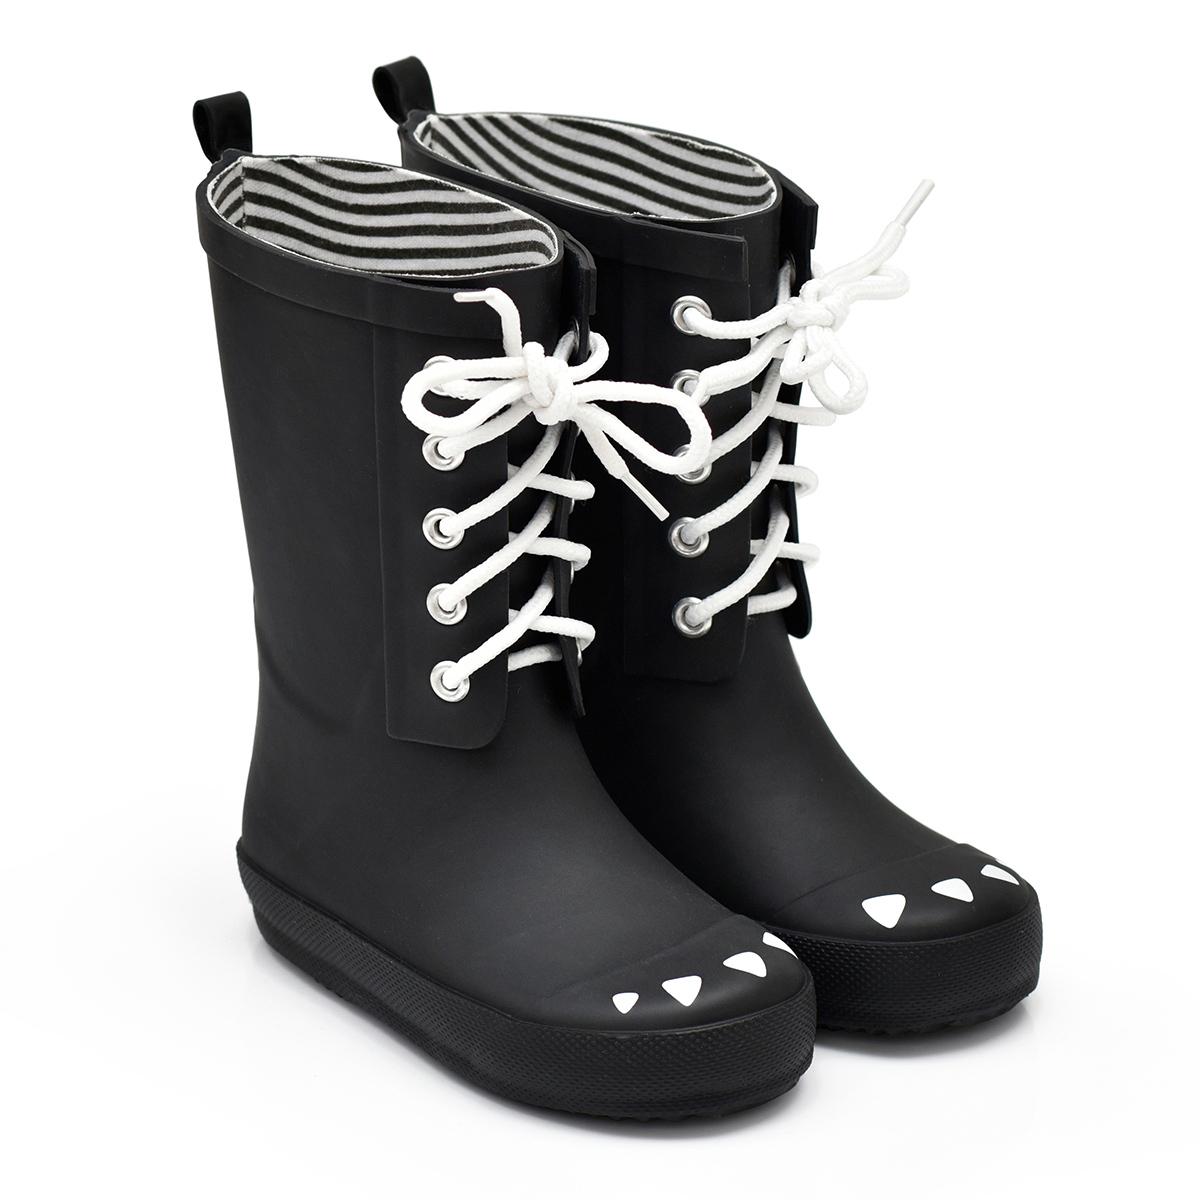 Chaussons & Chaussures Bottes Kerran Noir - 23 Bottes Kerran Noir - 23